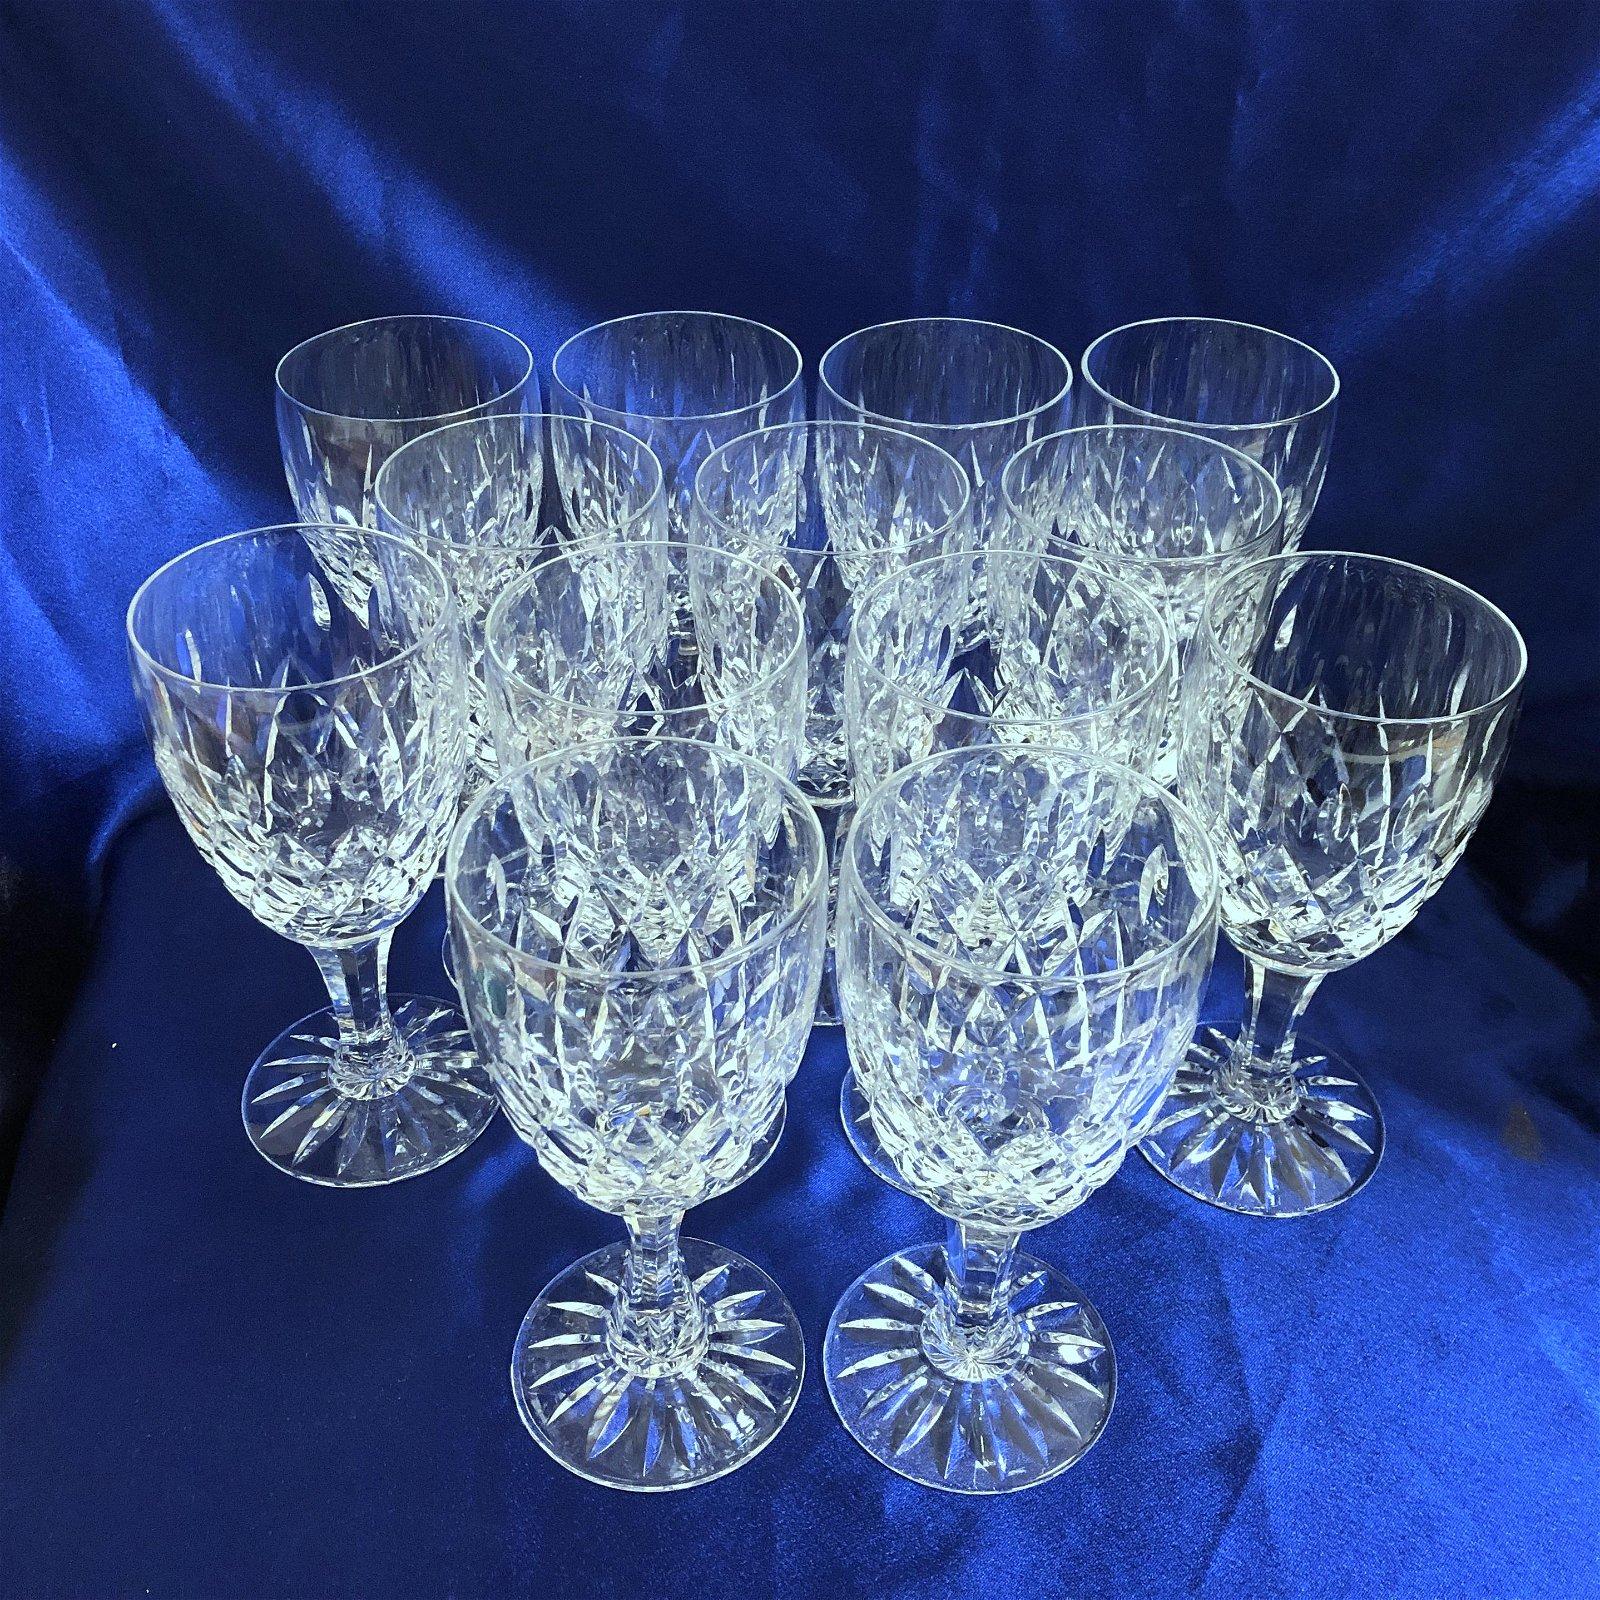 13-Piece Set Royal Brierley Gainsborough Cut Crystal